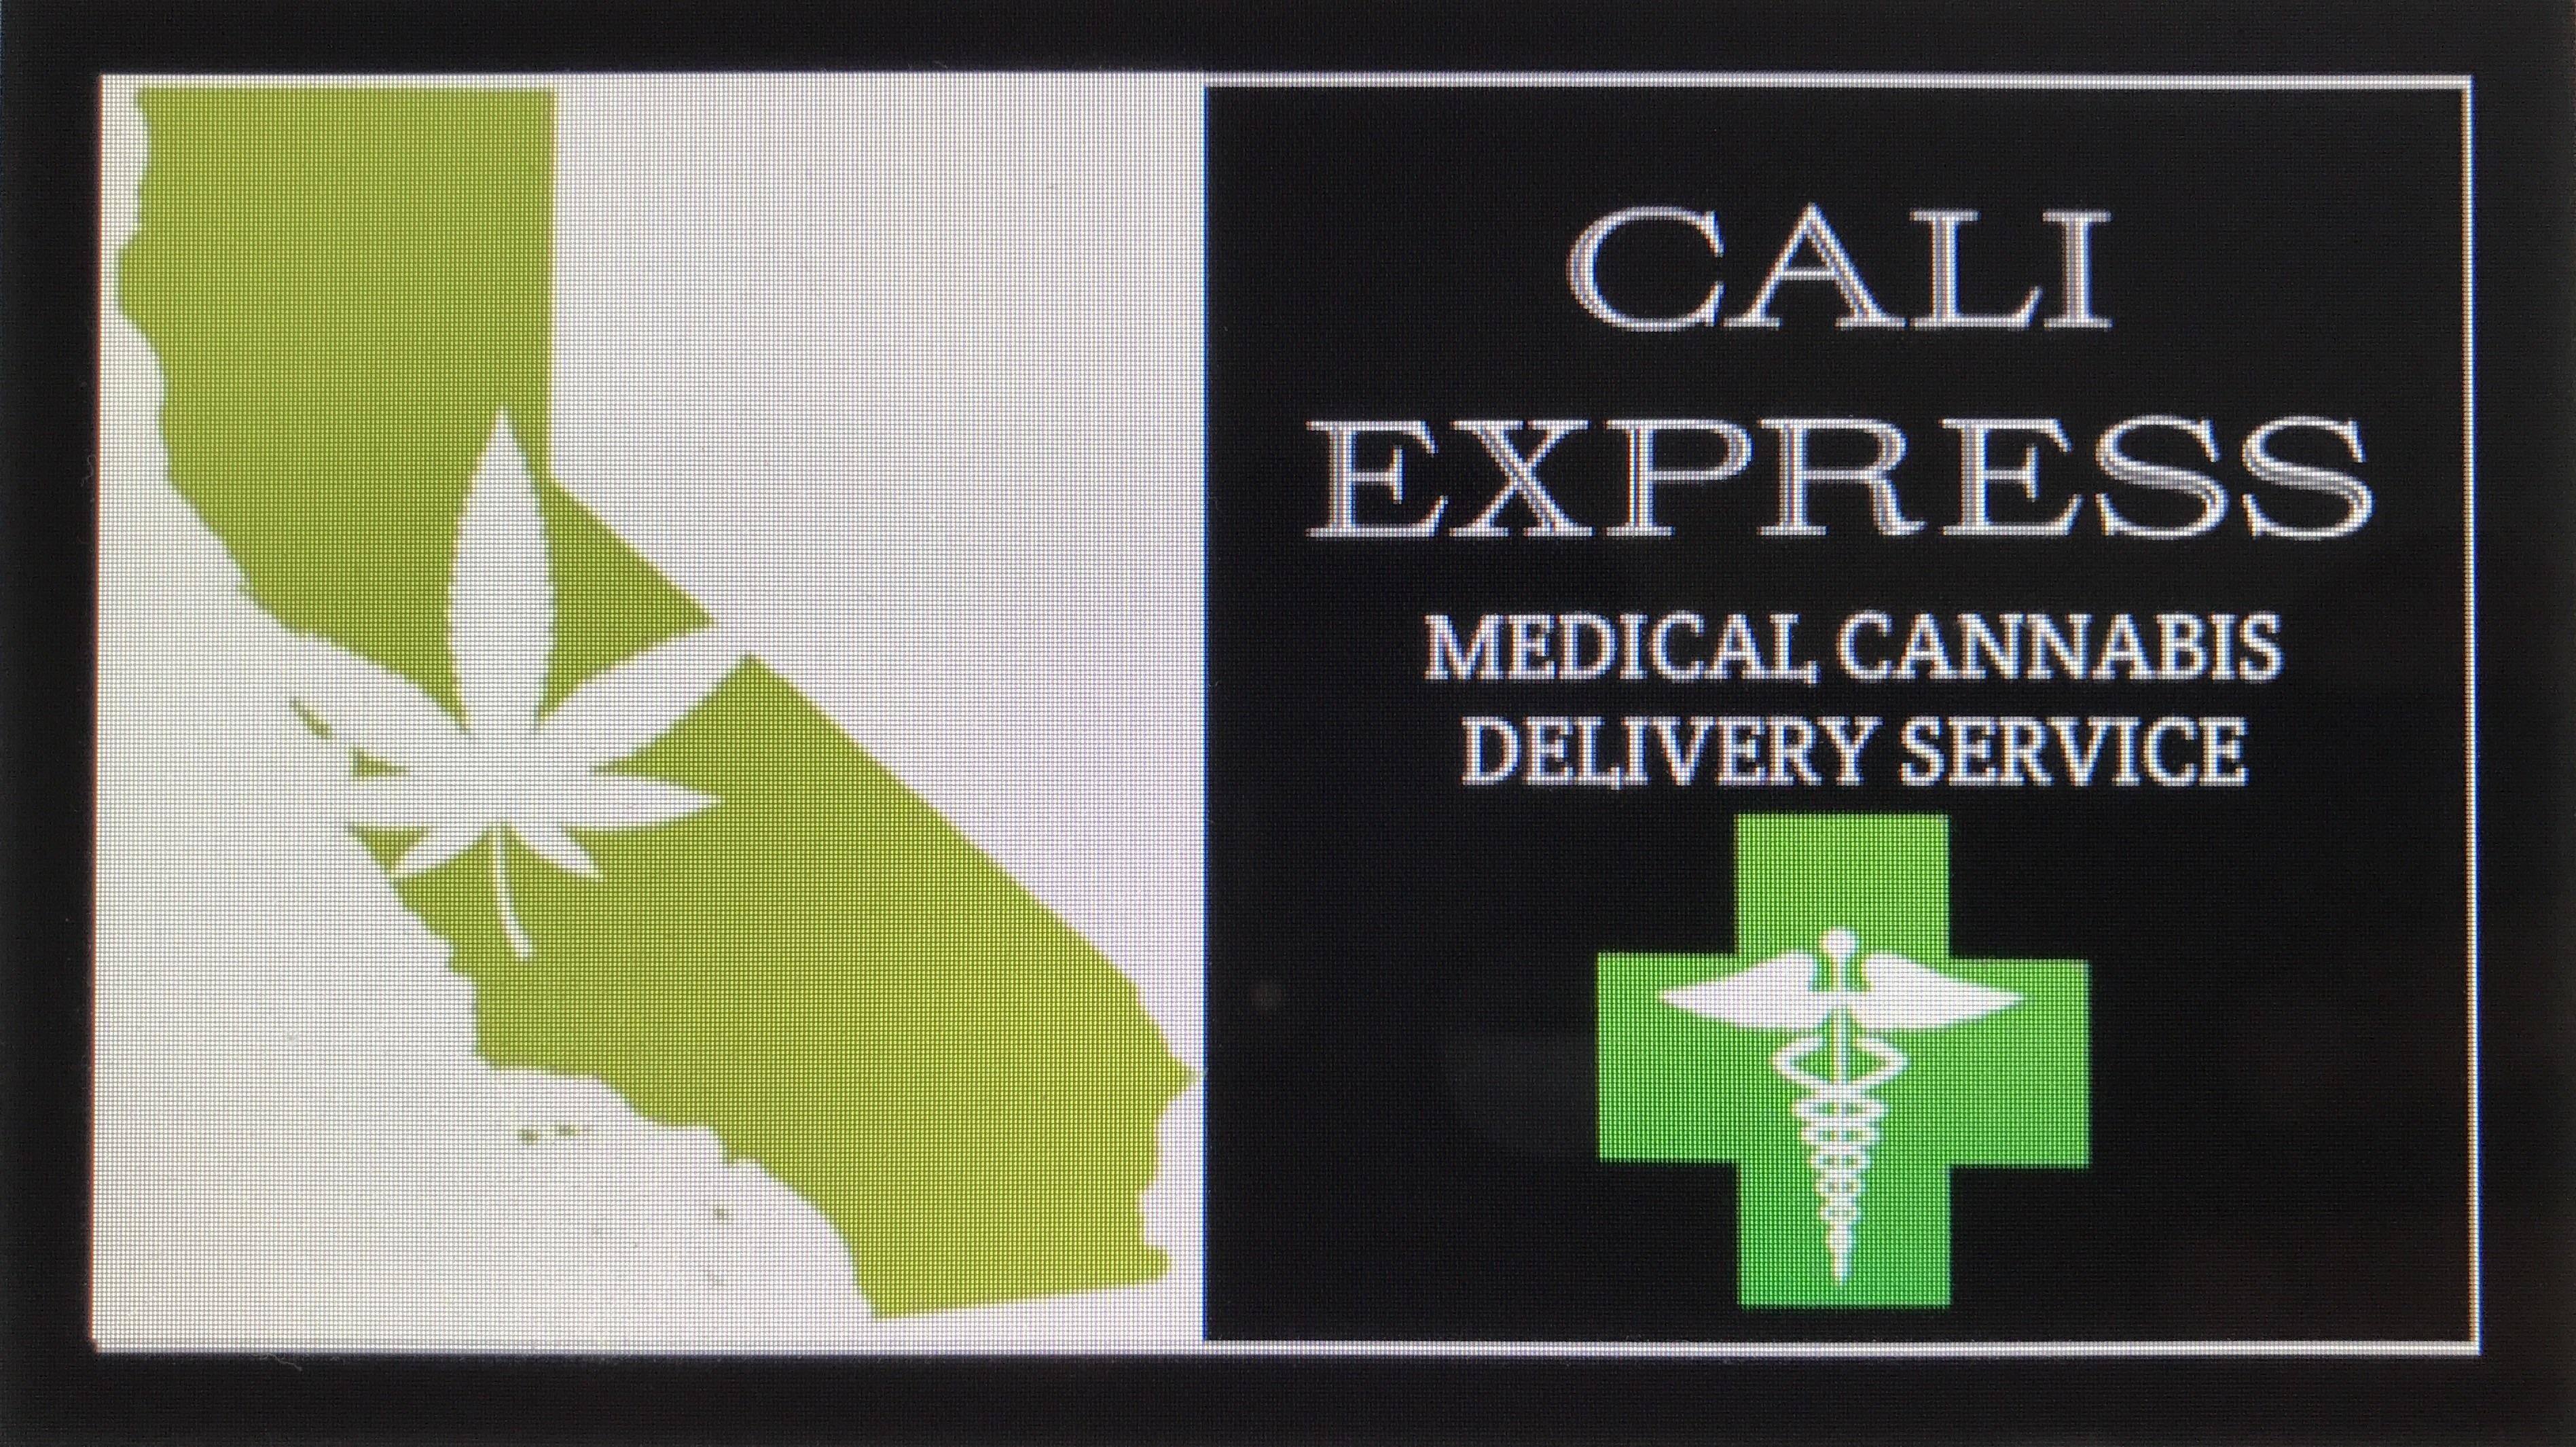 Cali Express